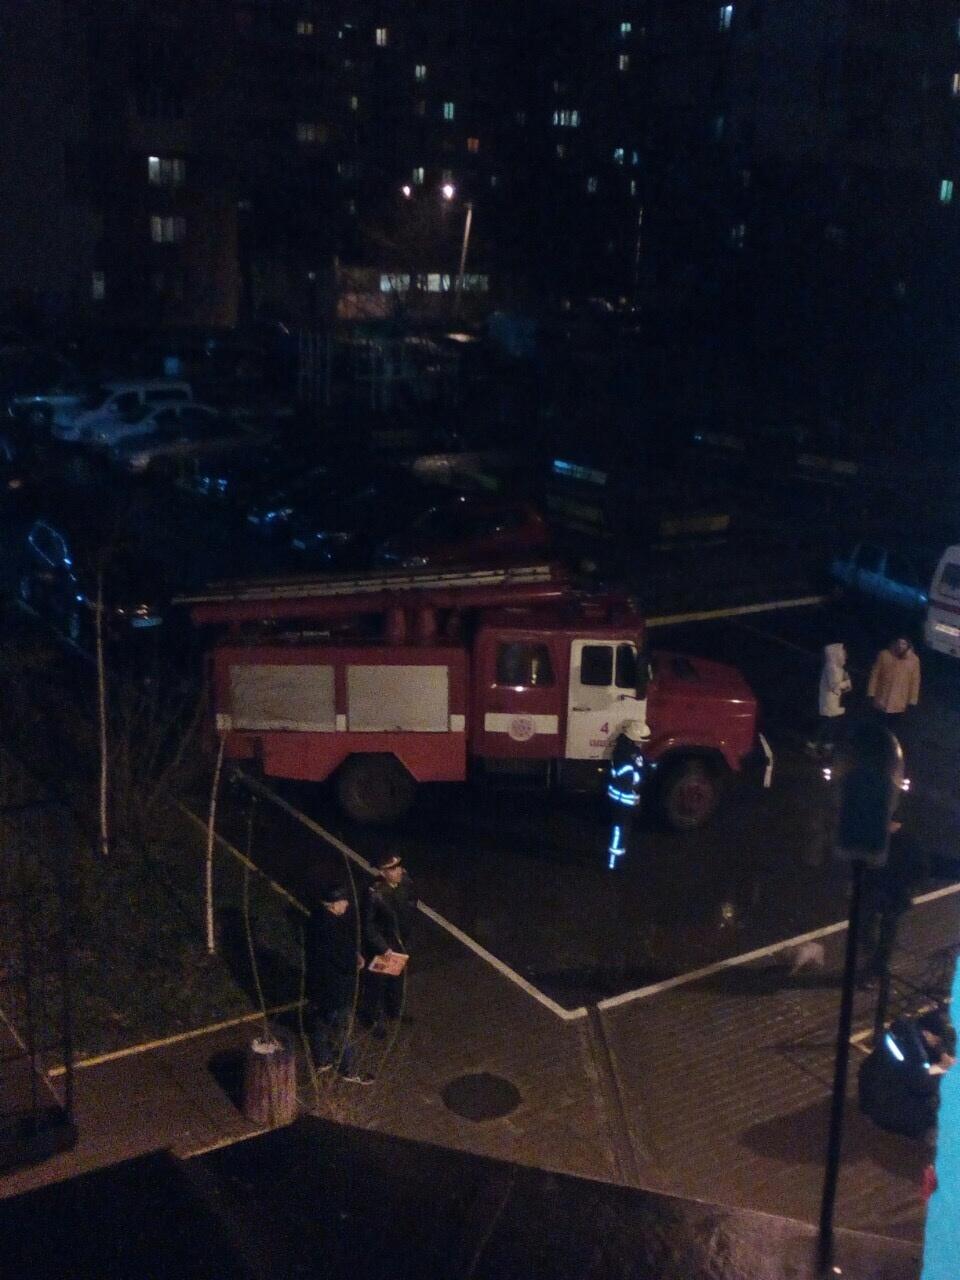 Ужасное горе: в Одессе через жуткий пожар погибли люди (ФОТО, ВИДЕО). Нестало матери и четверых детей. Такой смерти никому не пожелаешь